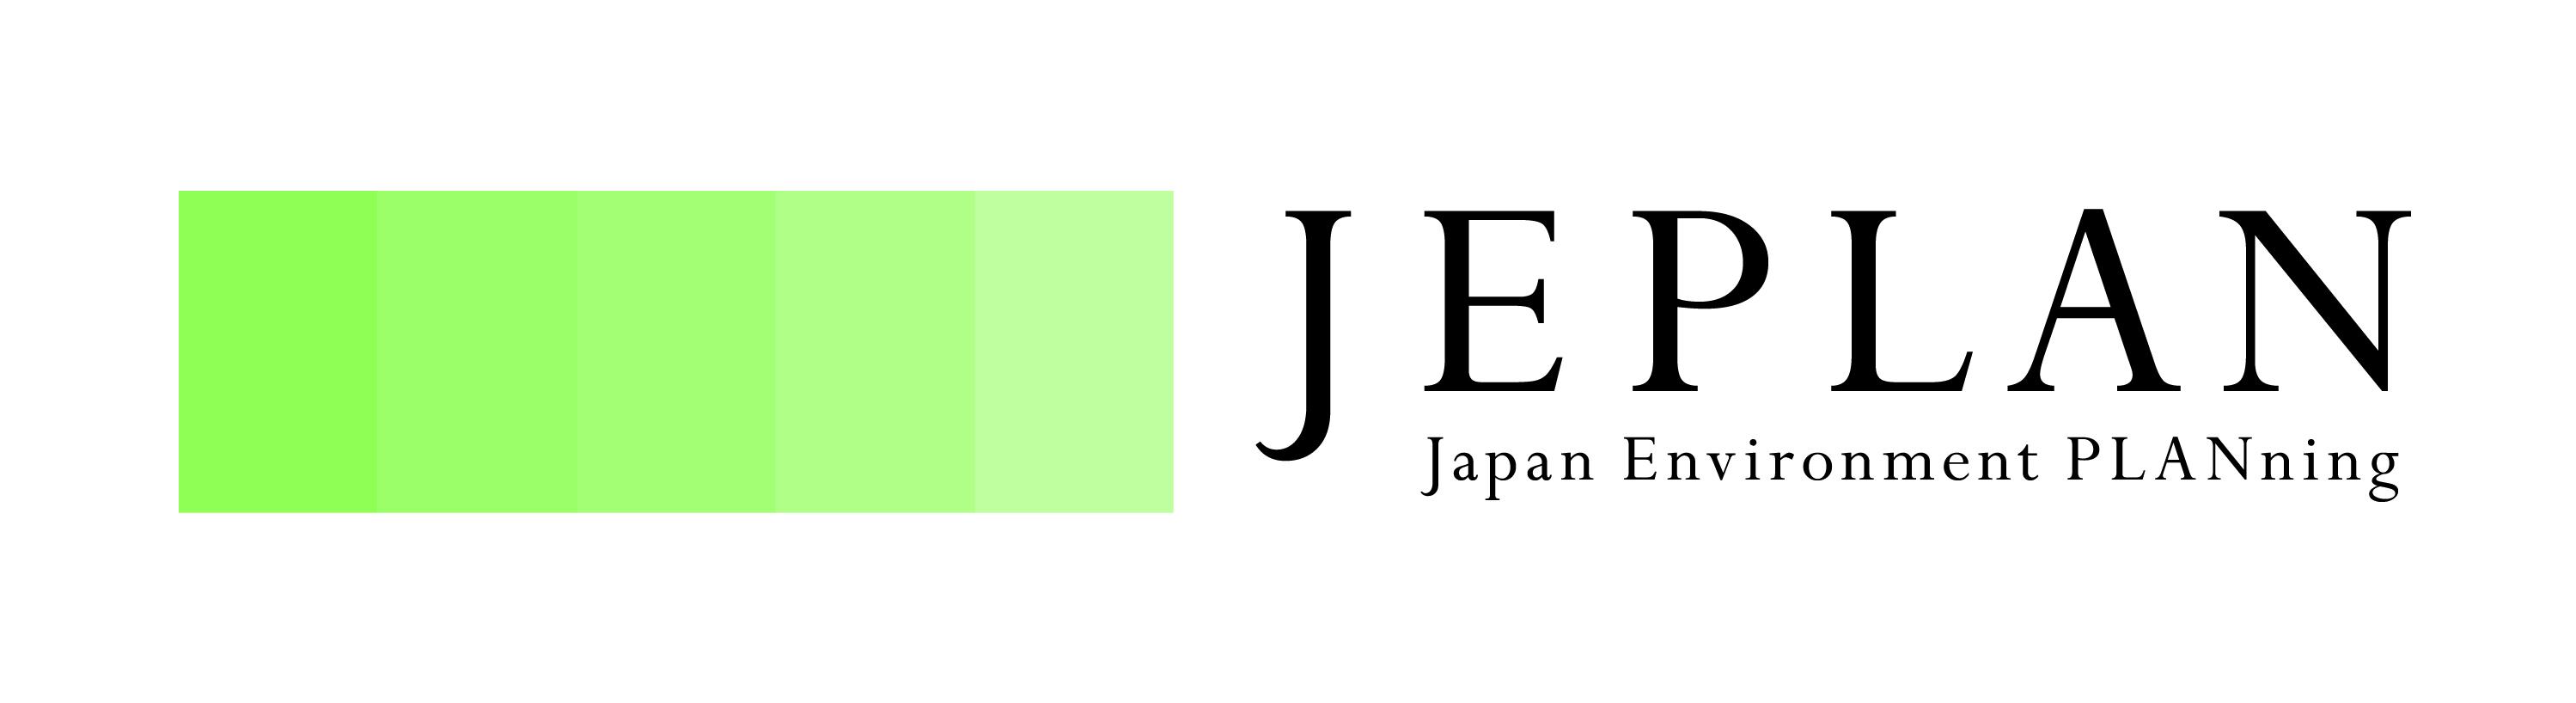 JEPLAN